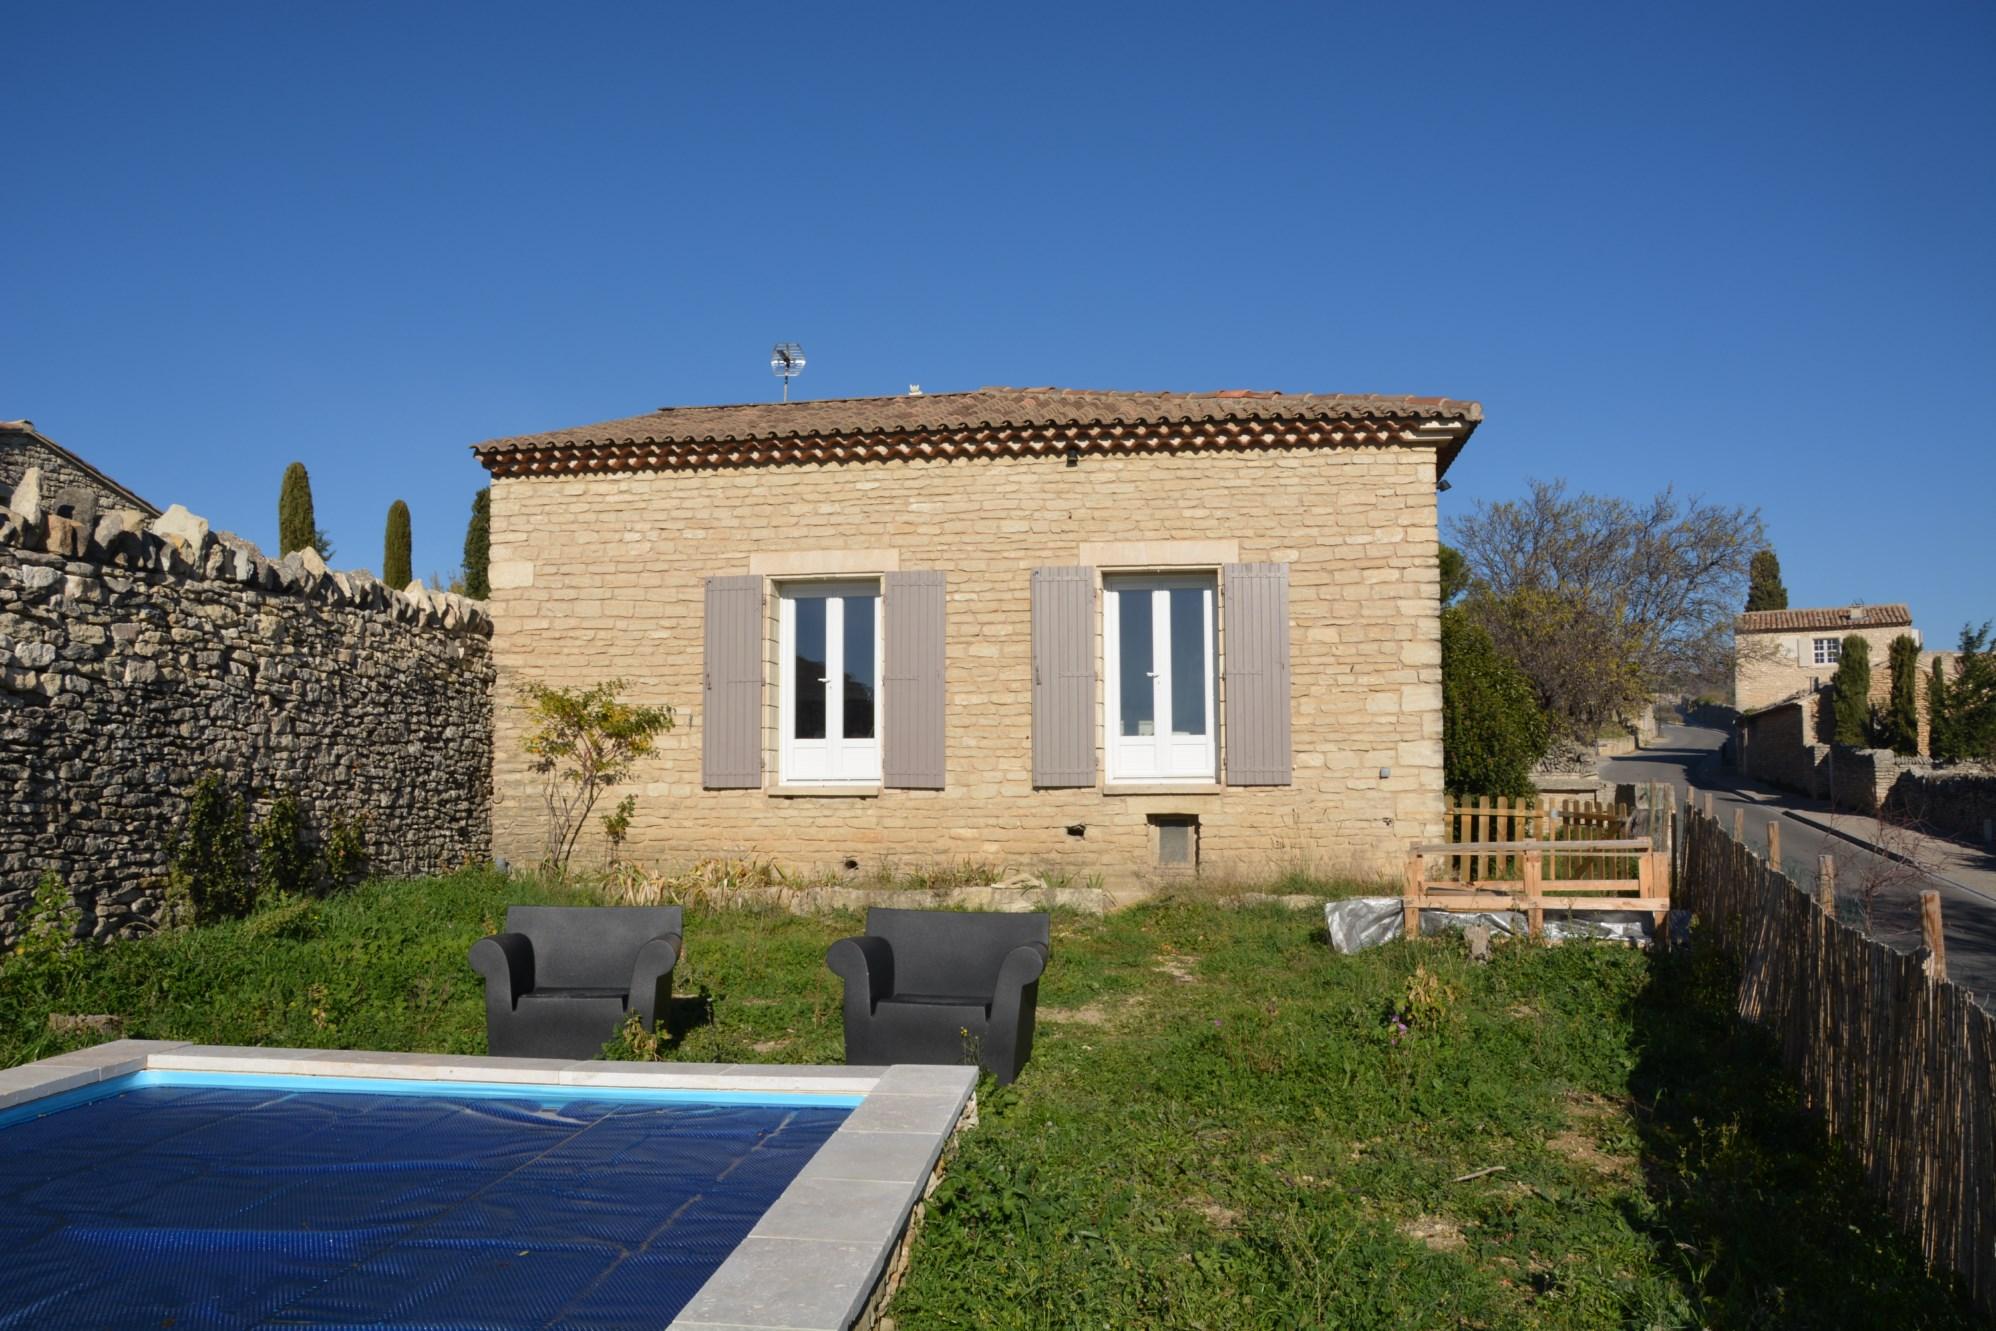 Maison à proximité d'un village du Luberon à vendre